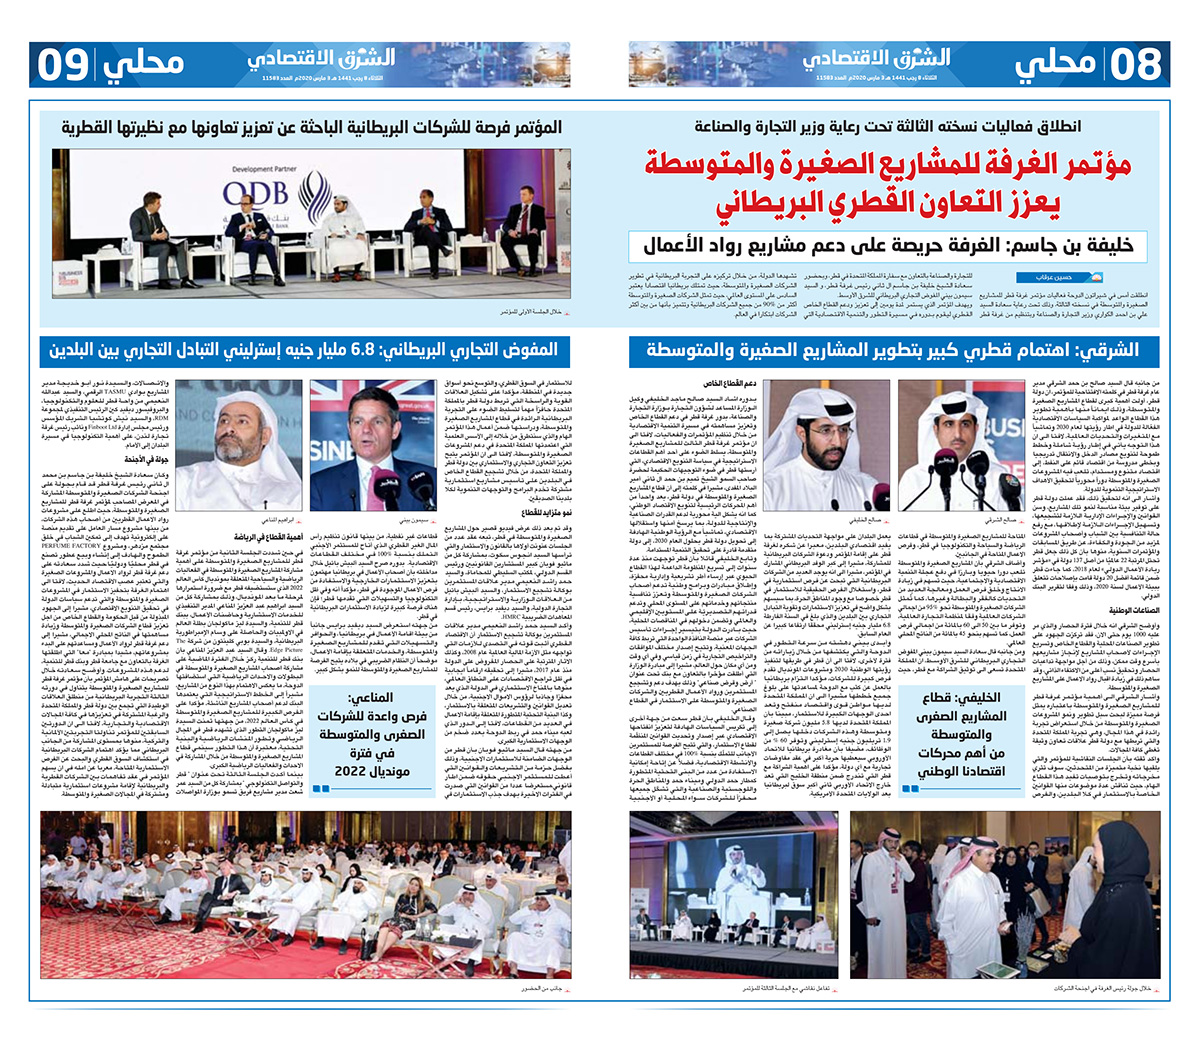 مؤتمر الغرفة للمشاريع الصغيرة و المتوسطة يعزز التعاون القطري البريطاني